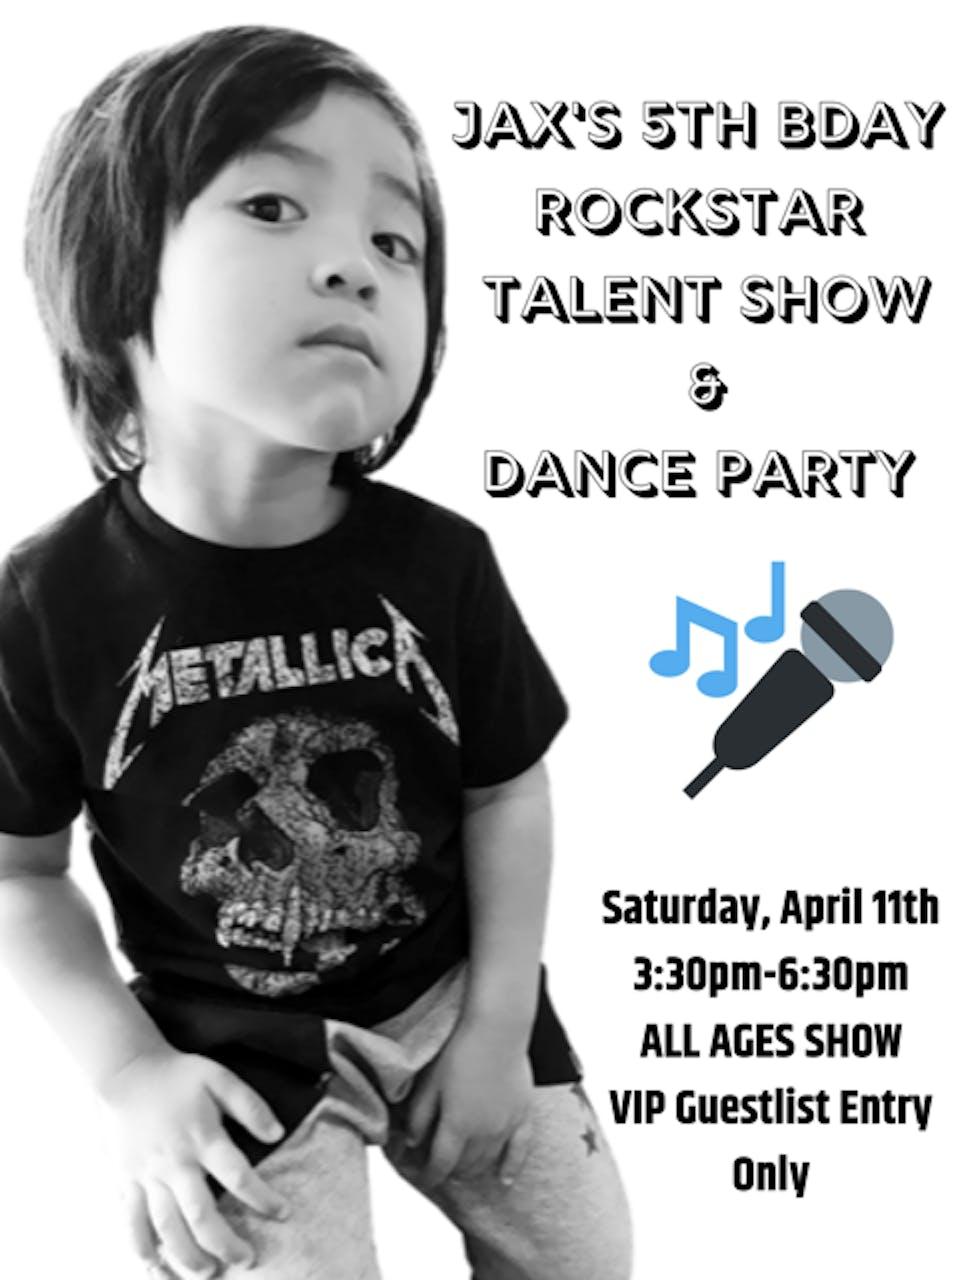 Jax's 5th Bday Rockstar Talent Show & Dance Party